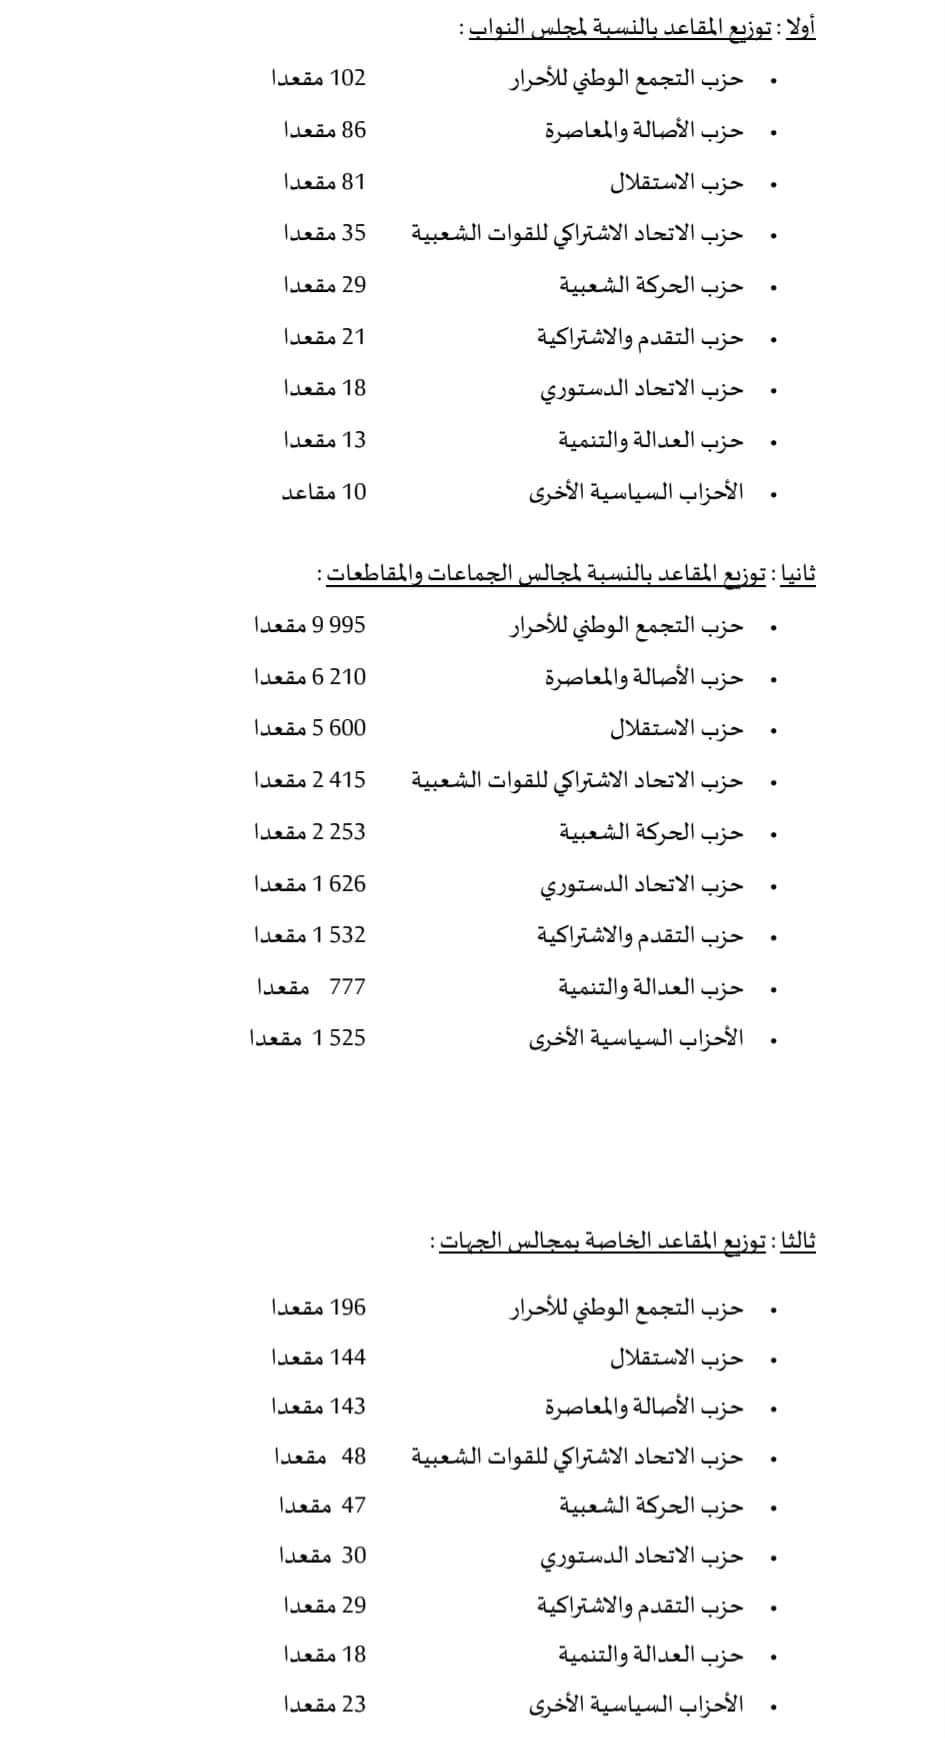 نتائج الانتخابات المغربية